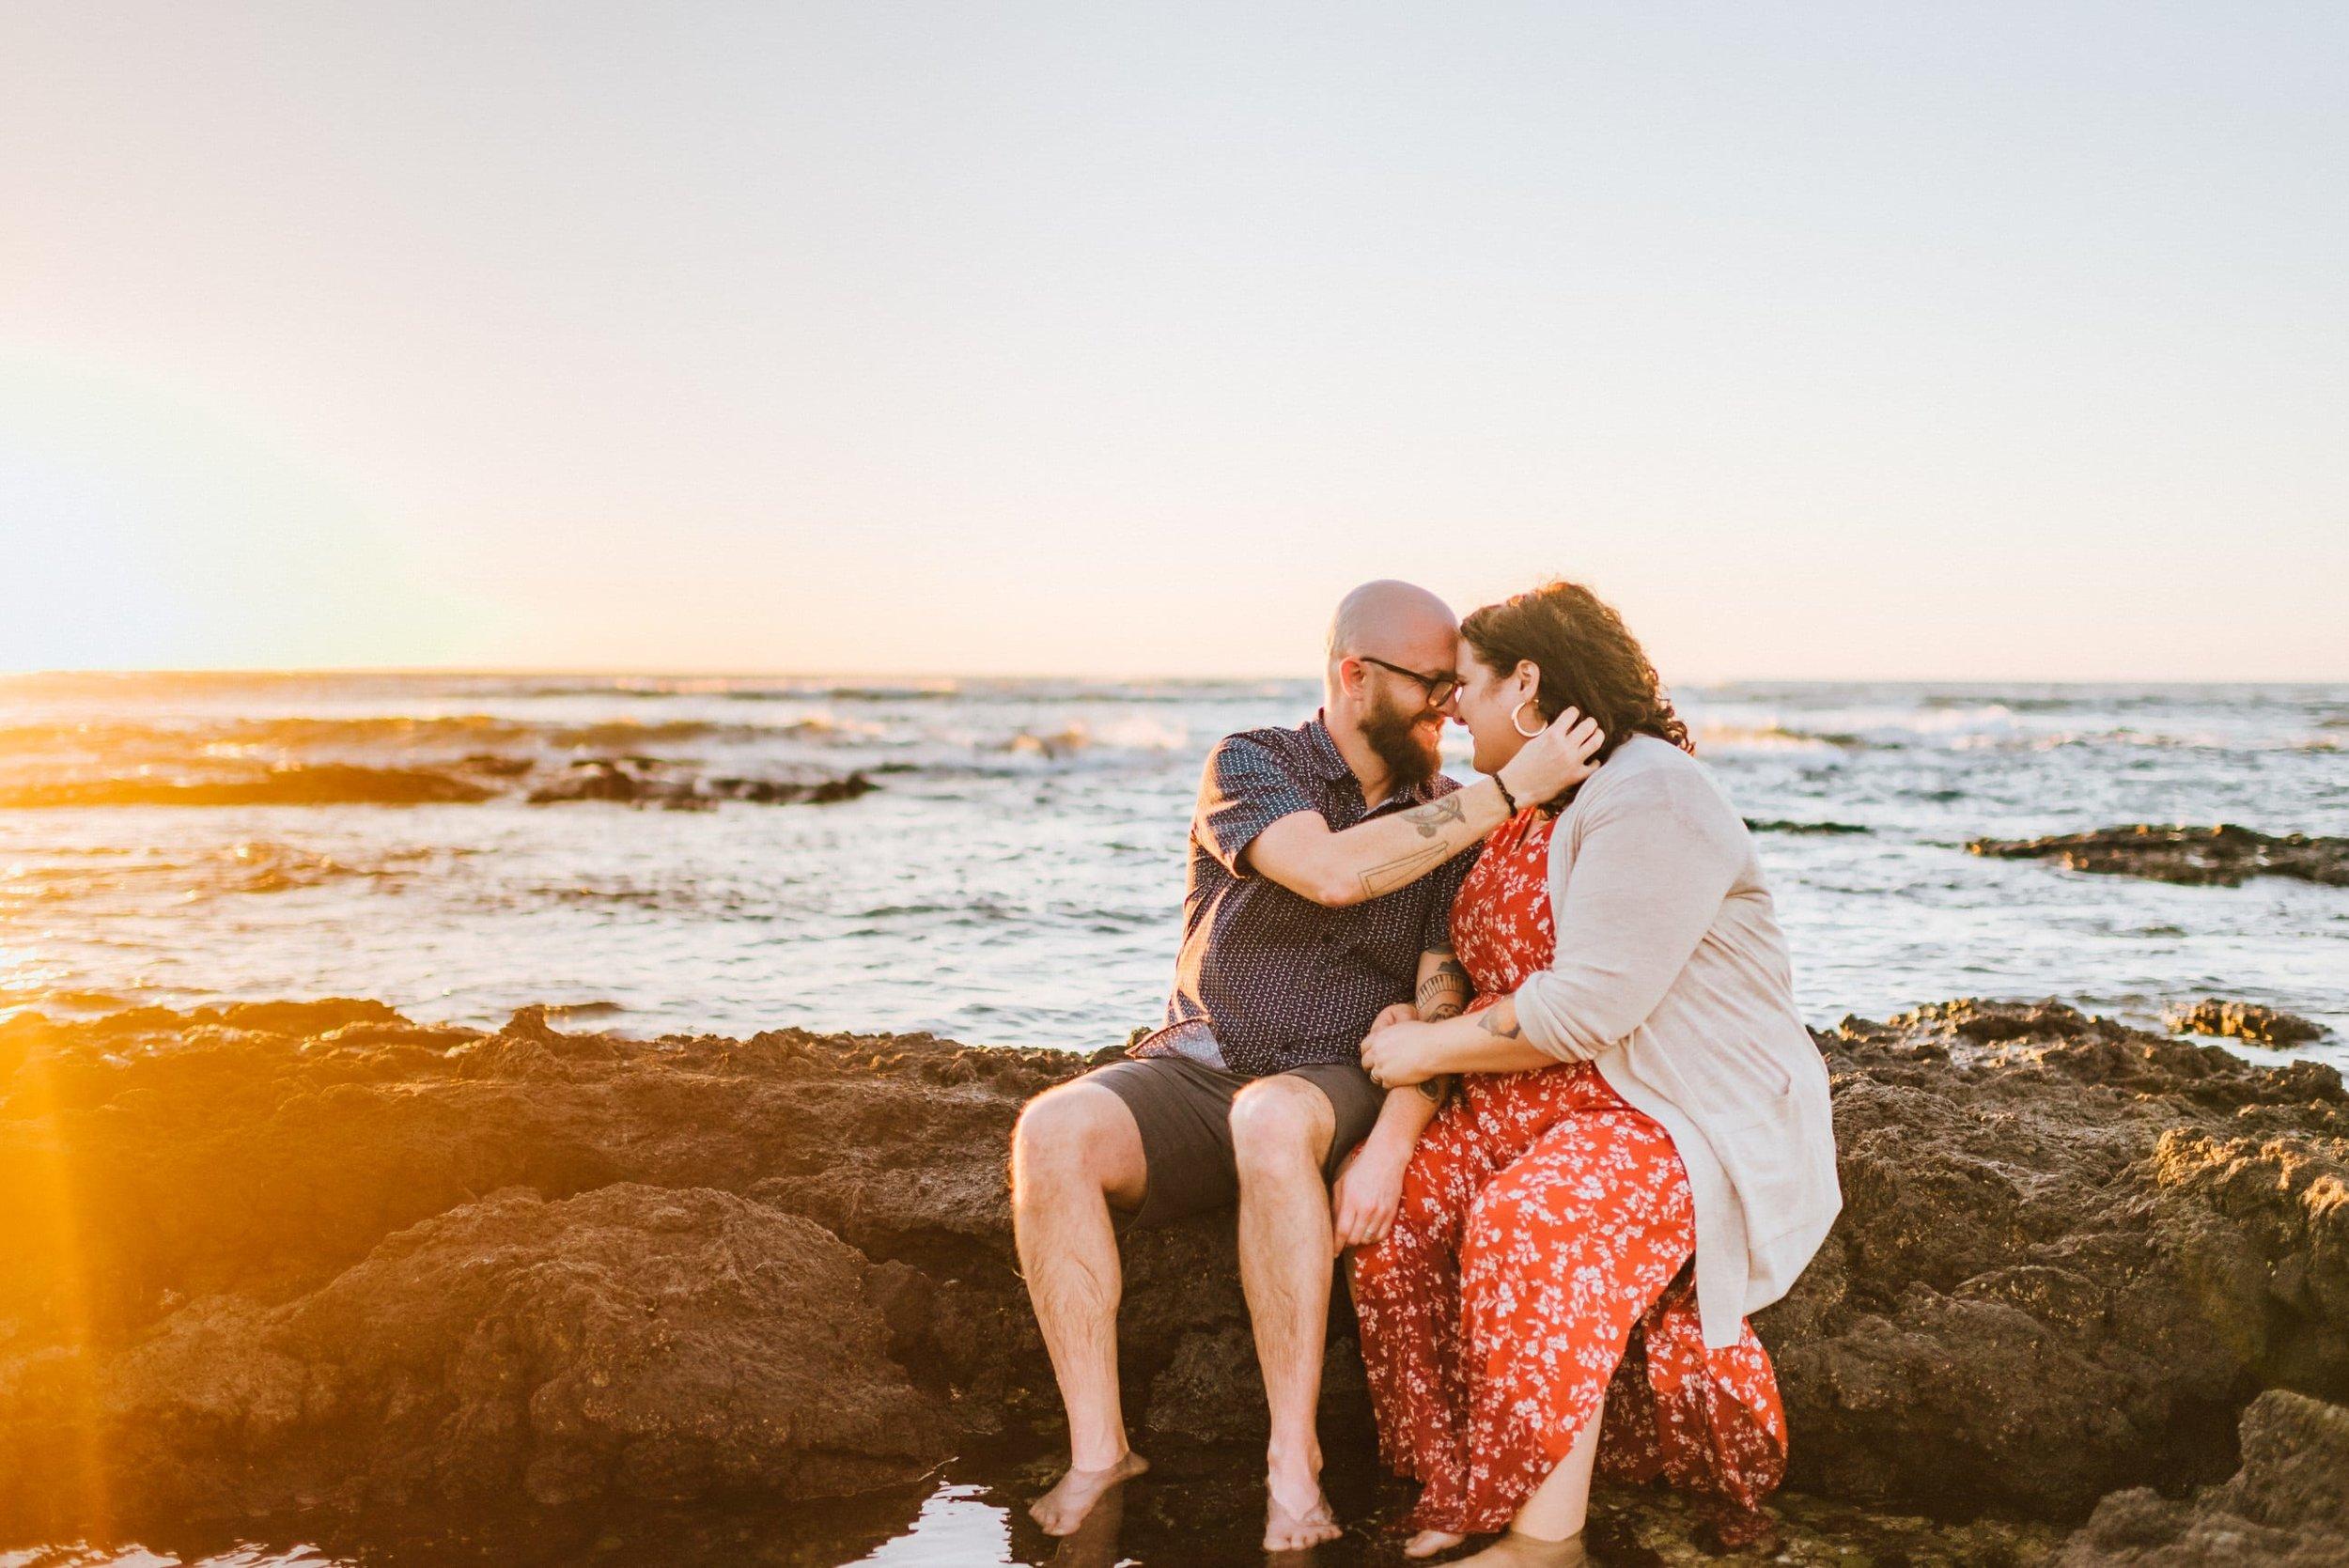 Kona-Photographer-Honeymoon-Hawaii-14.jpg